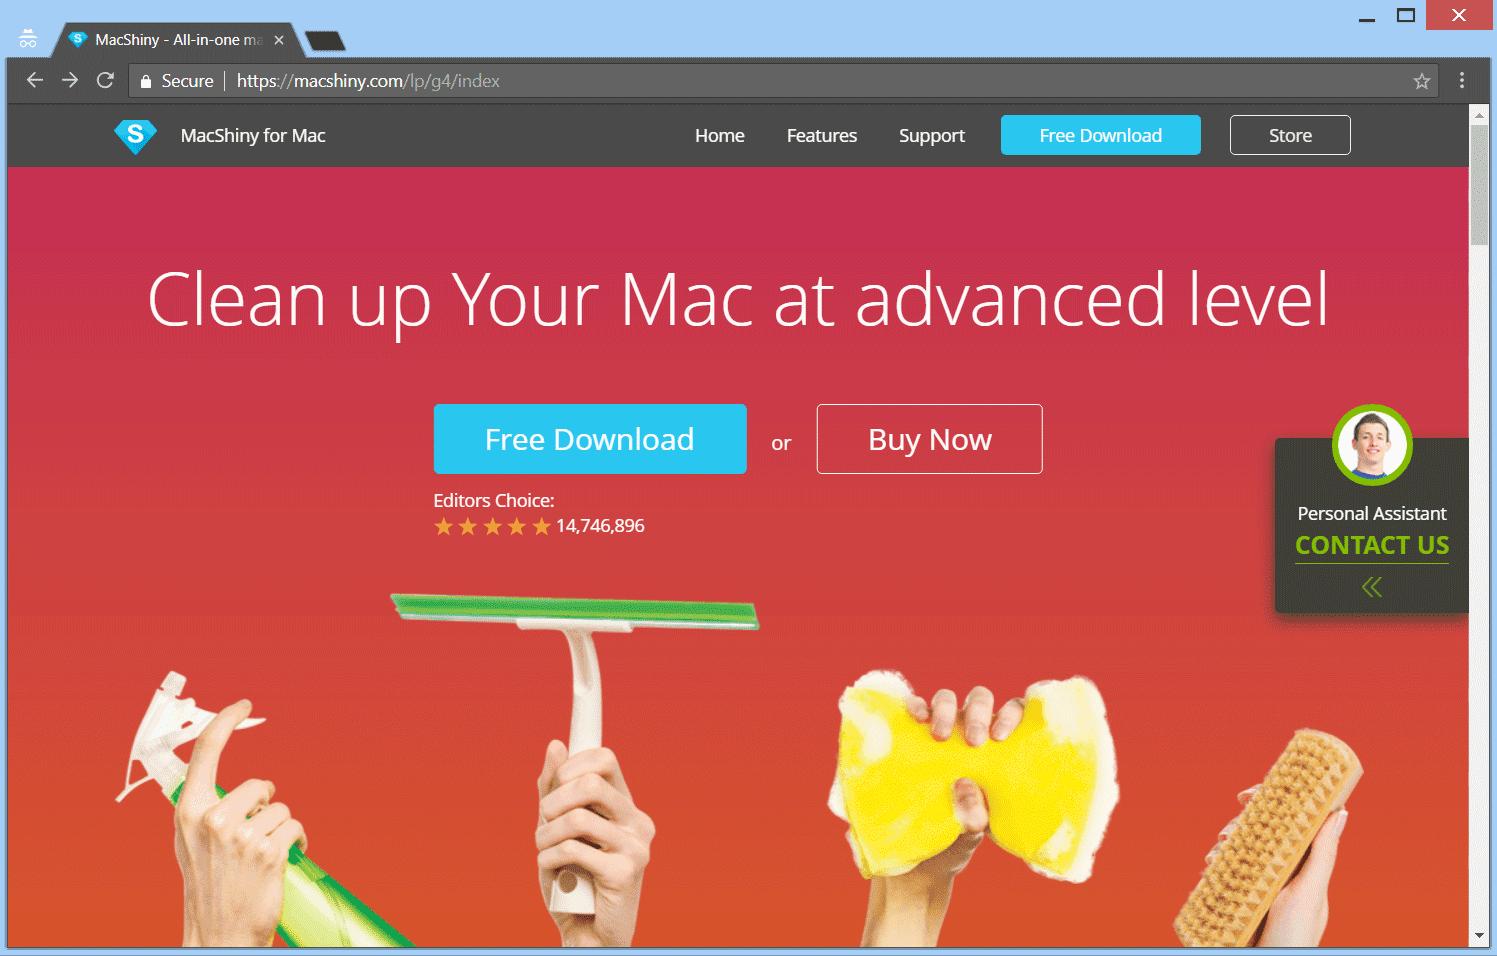 Remove MacShiny PUP